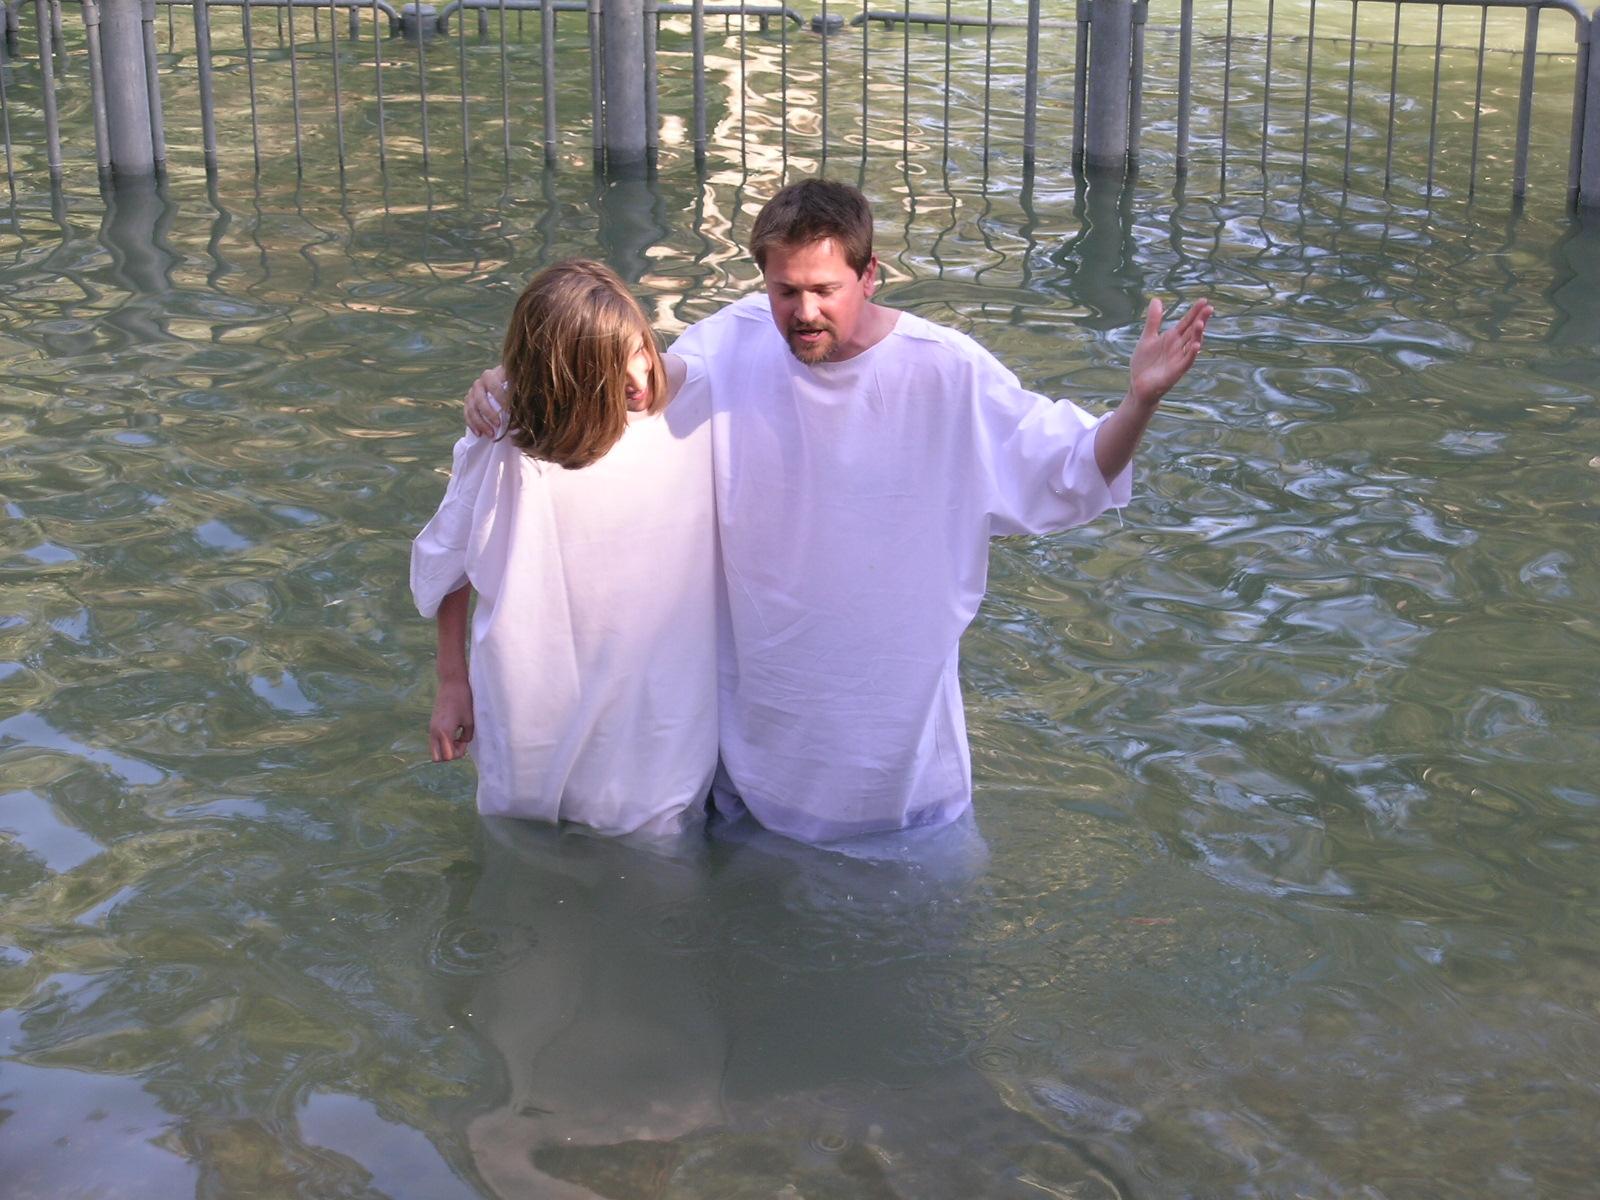 Pastor Frank baptizing his son in the Jordan River in Israel